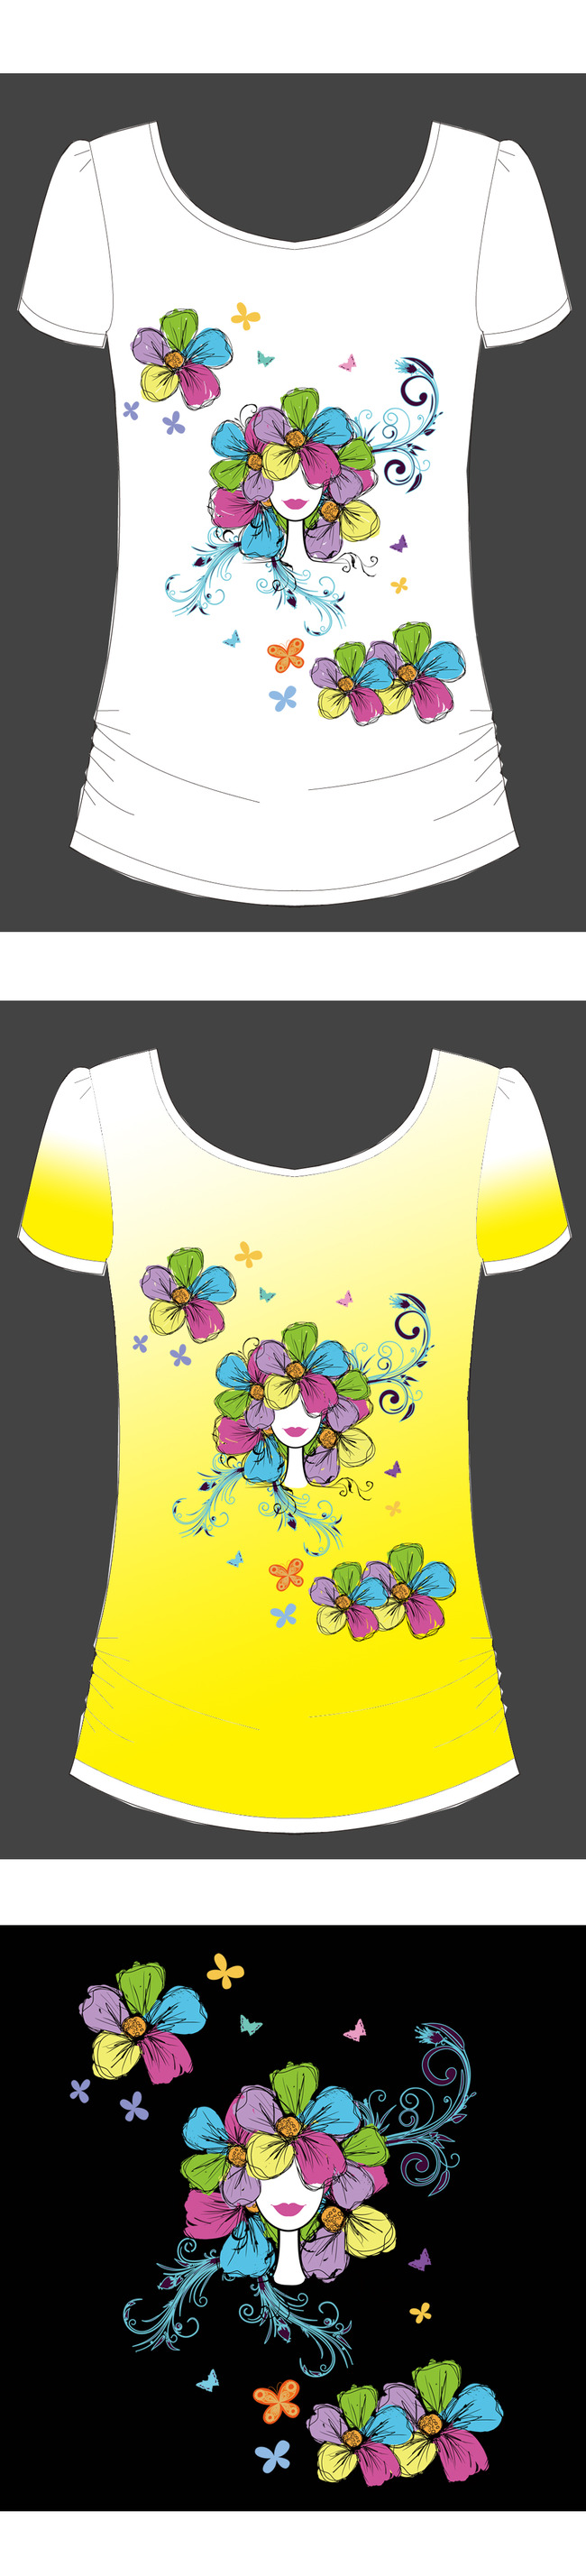 女人花手绘花t恤图案